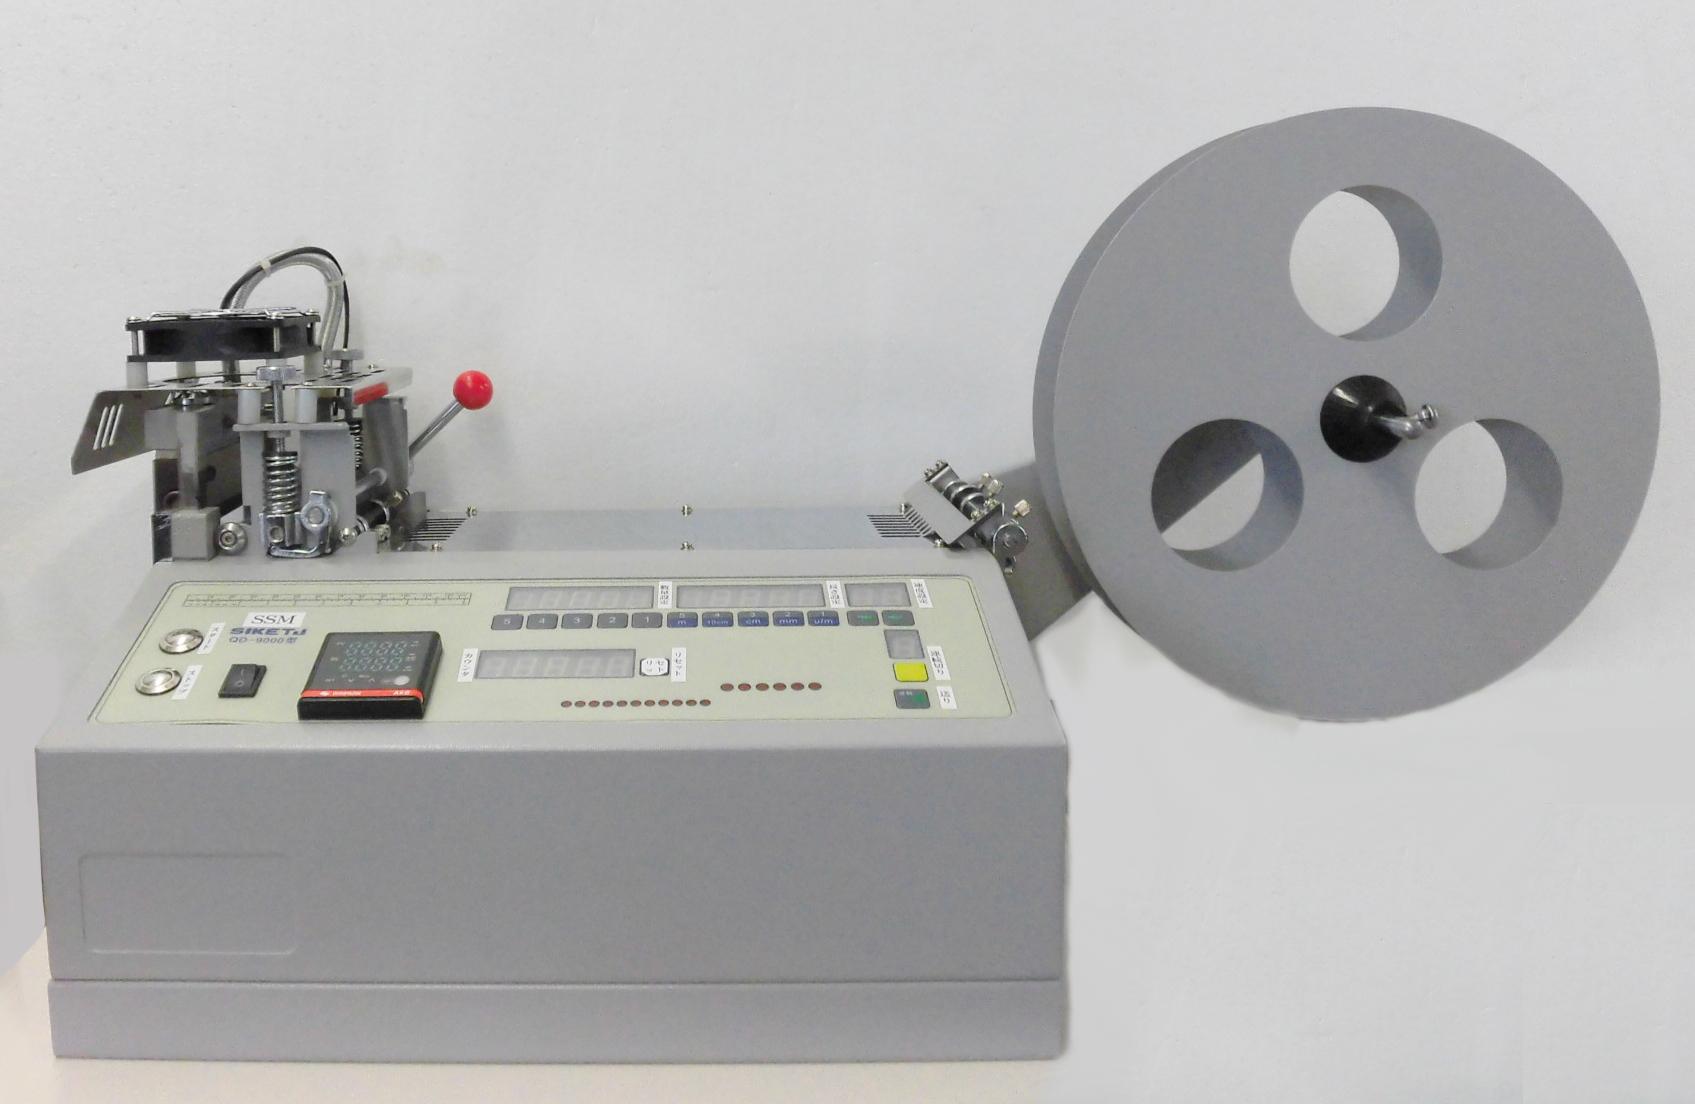 ヒートカット自動裁断機 モデルNO-SSM-QD-9000型 100V仕様は、¥18500-税別高くなります。